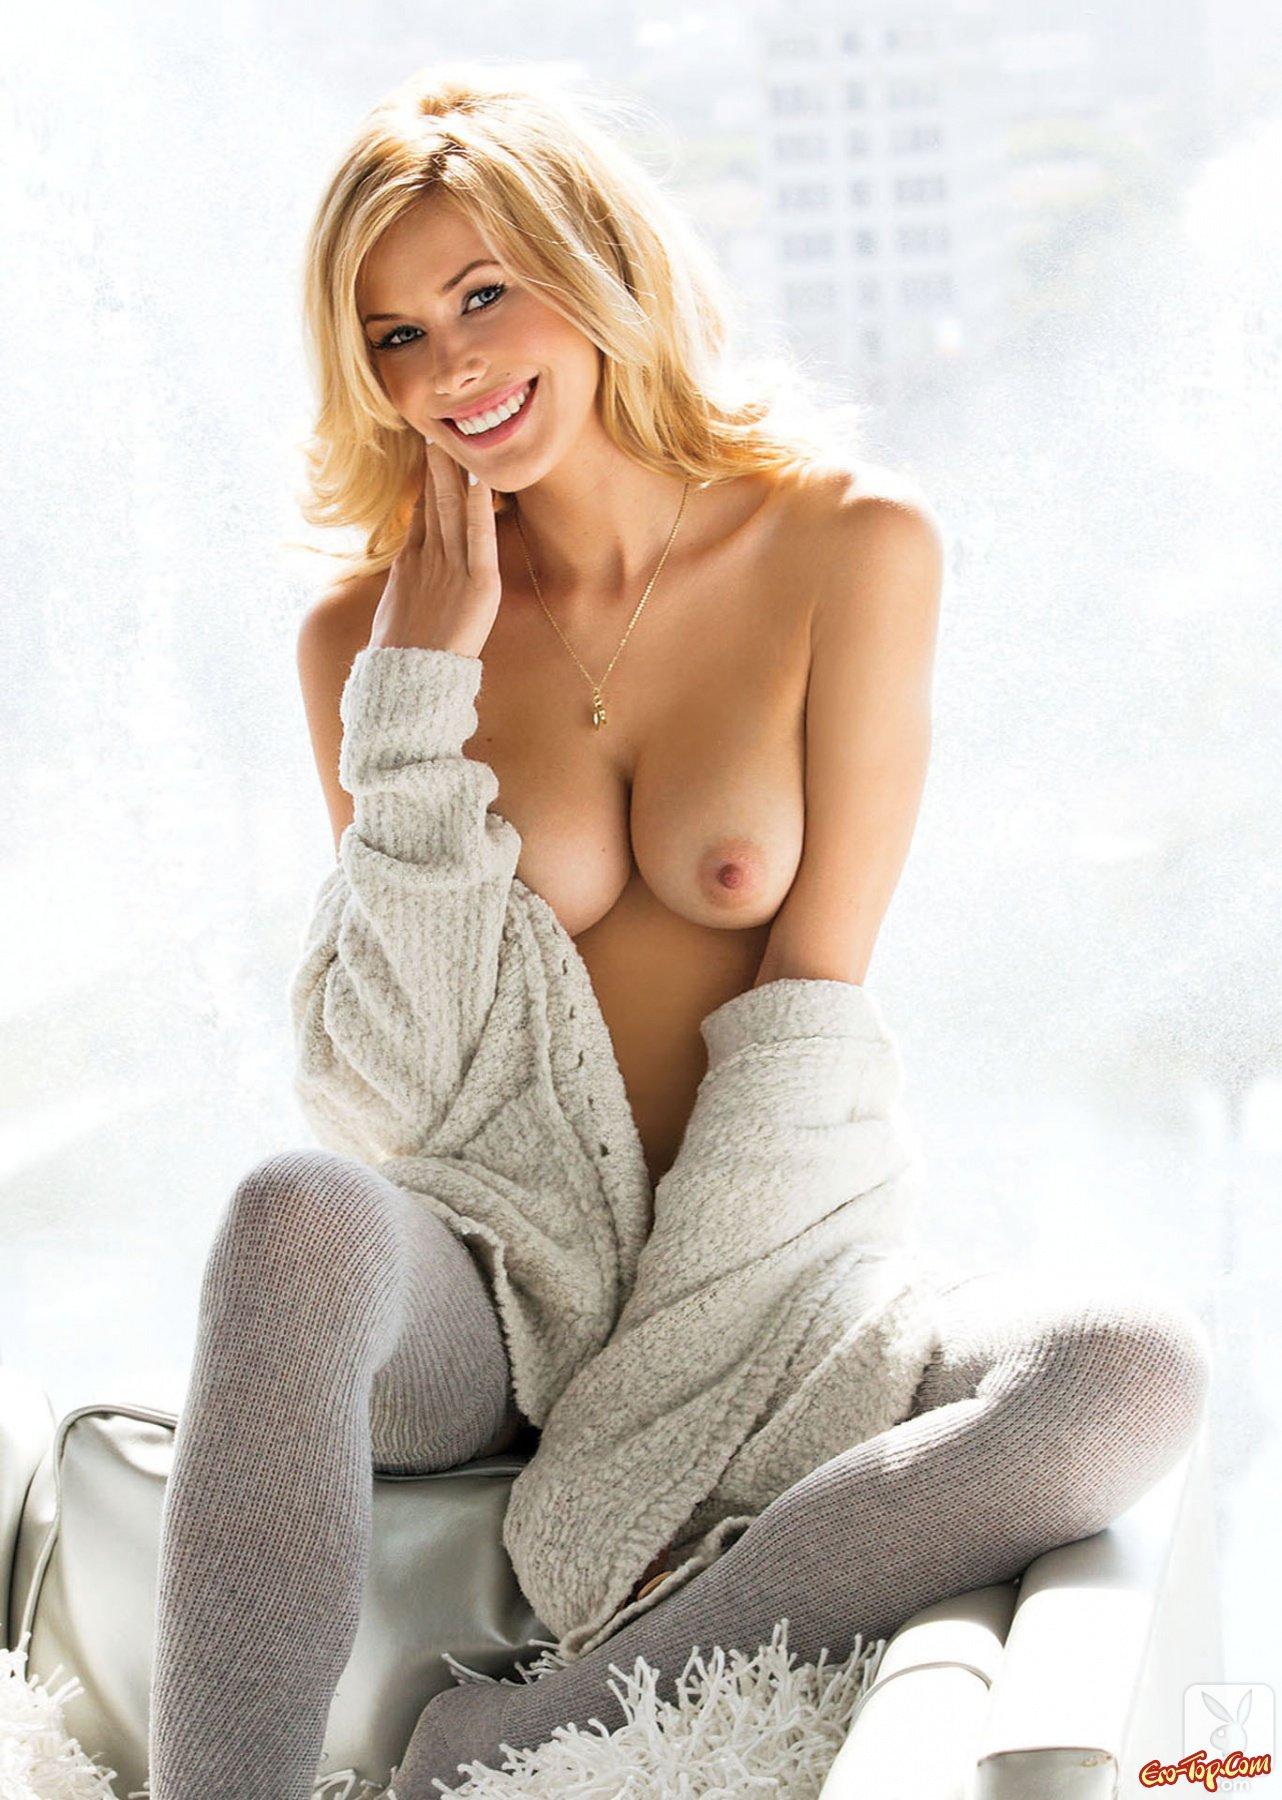 Огненная блондинка смотреть эротику